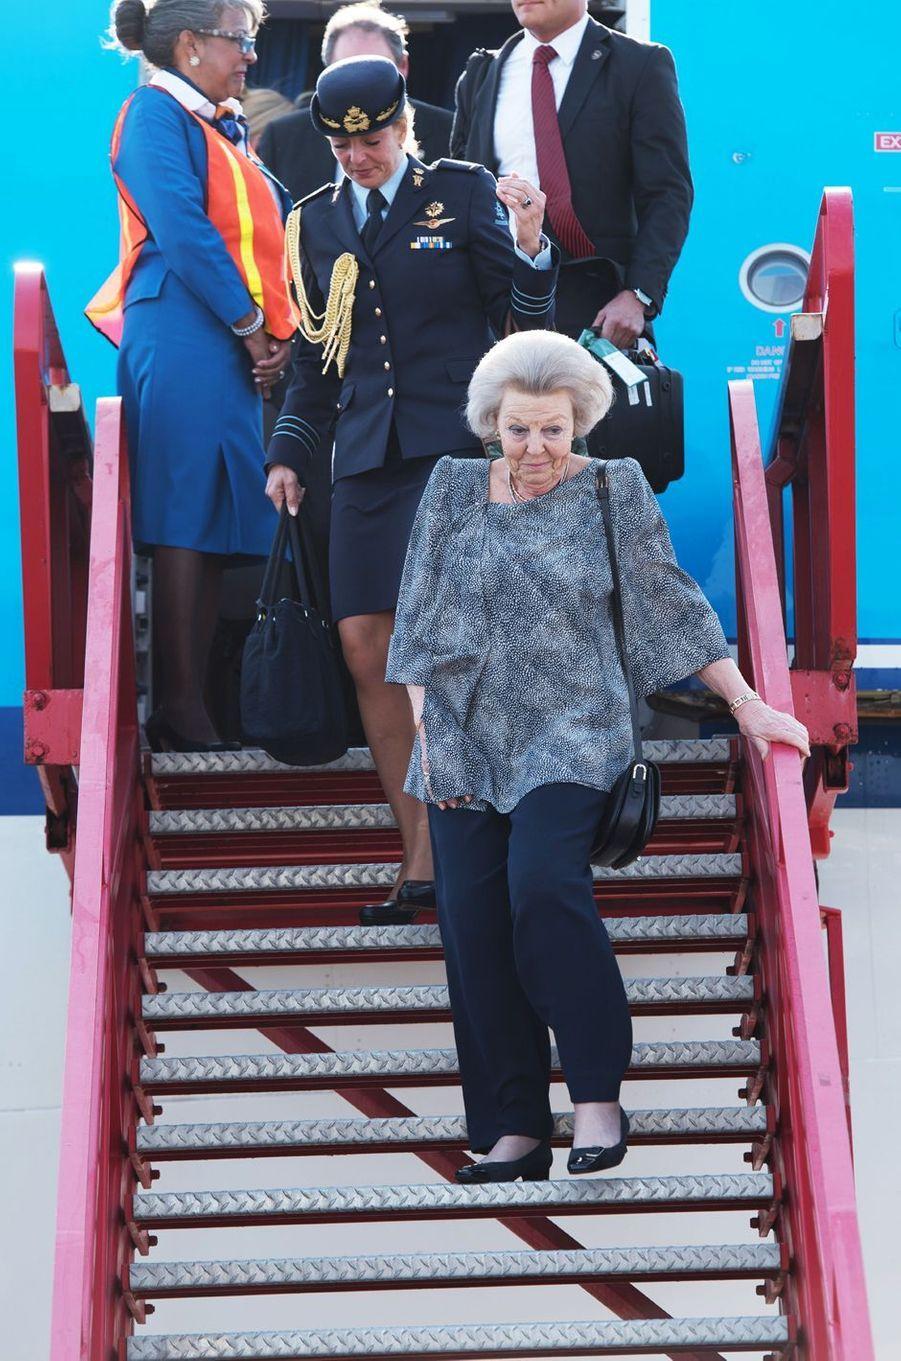 La princesse Beatrix des Pays-Bas à Aruba, le 29 mars 2017